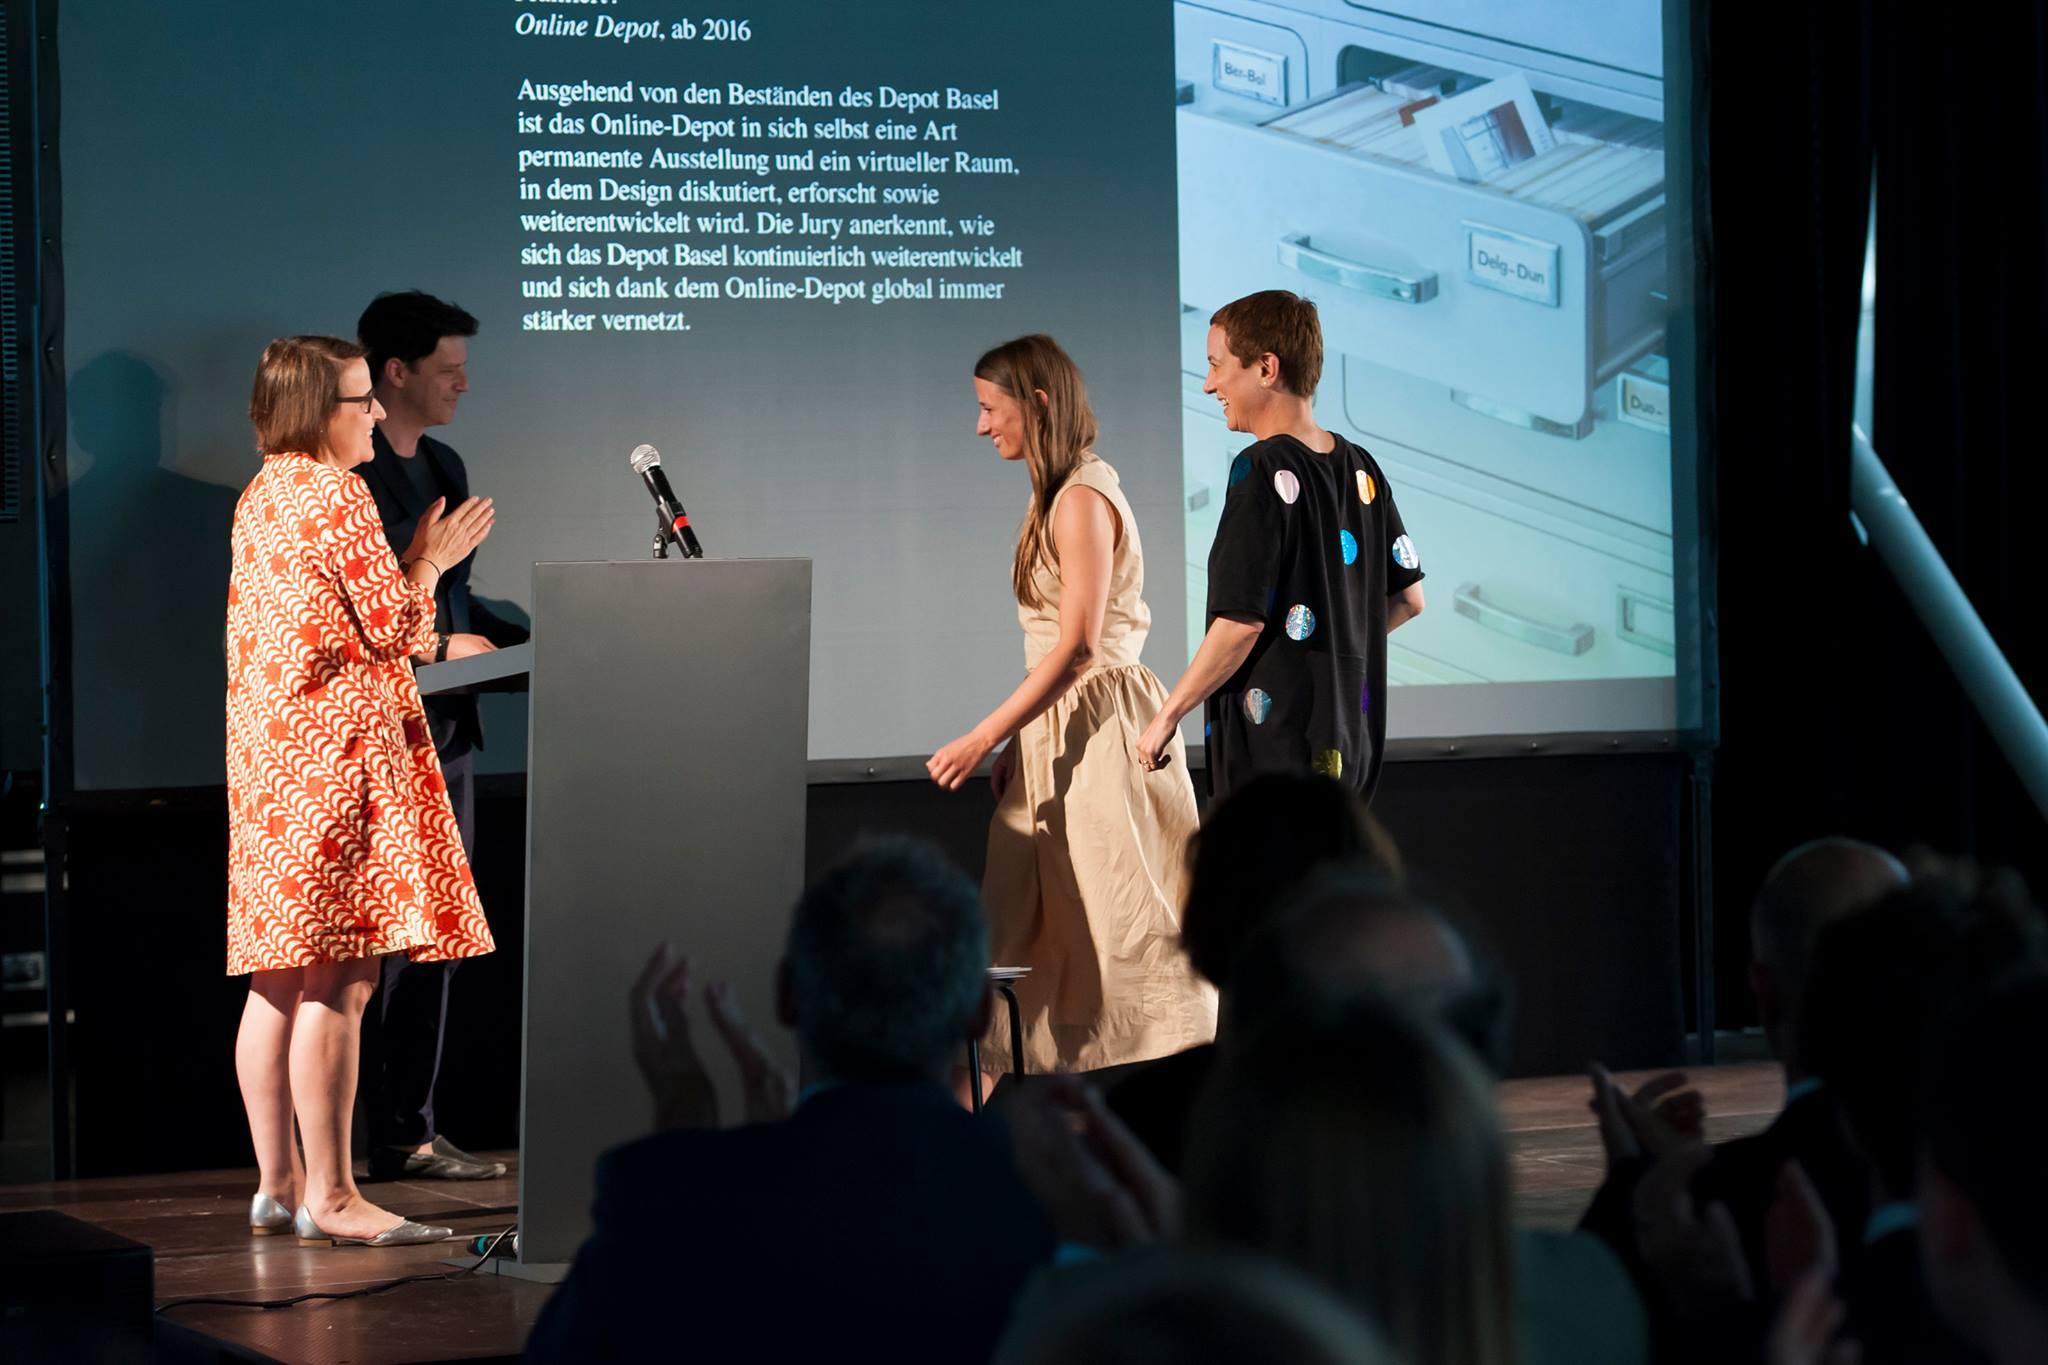 «Depot»-Leiterinnen Matylda Krzykowski und Rebekka Kiesewetter bei der Verleihung des Swiss Design Award.